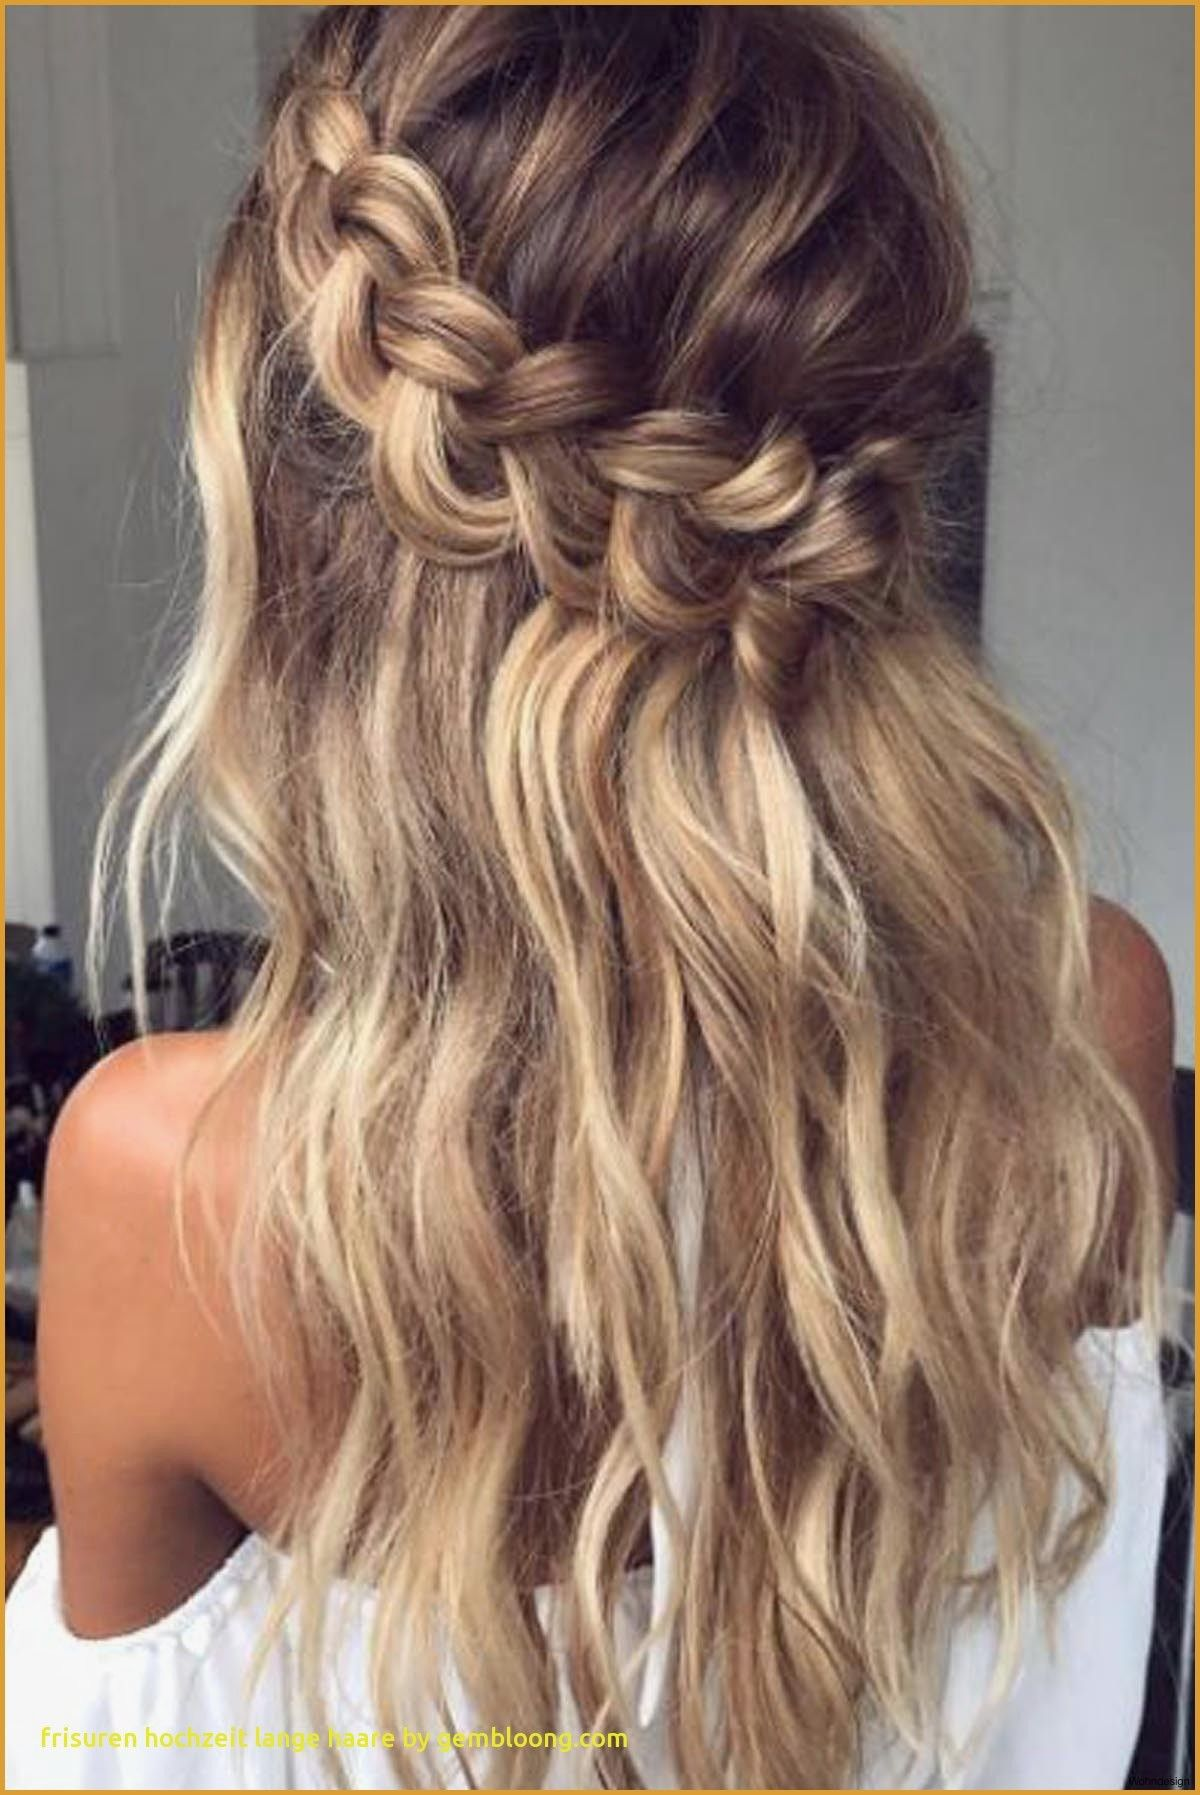 Frisuren Als Hochzeitsgast